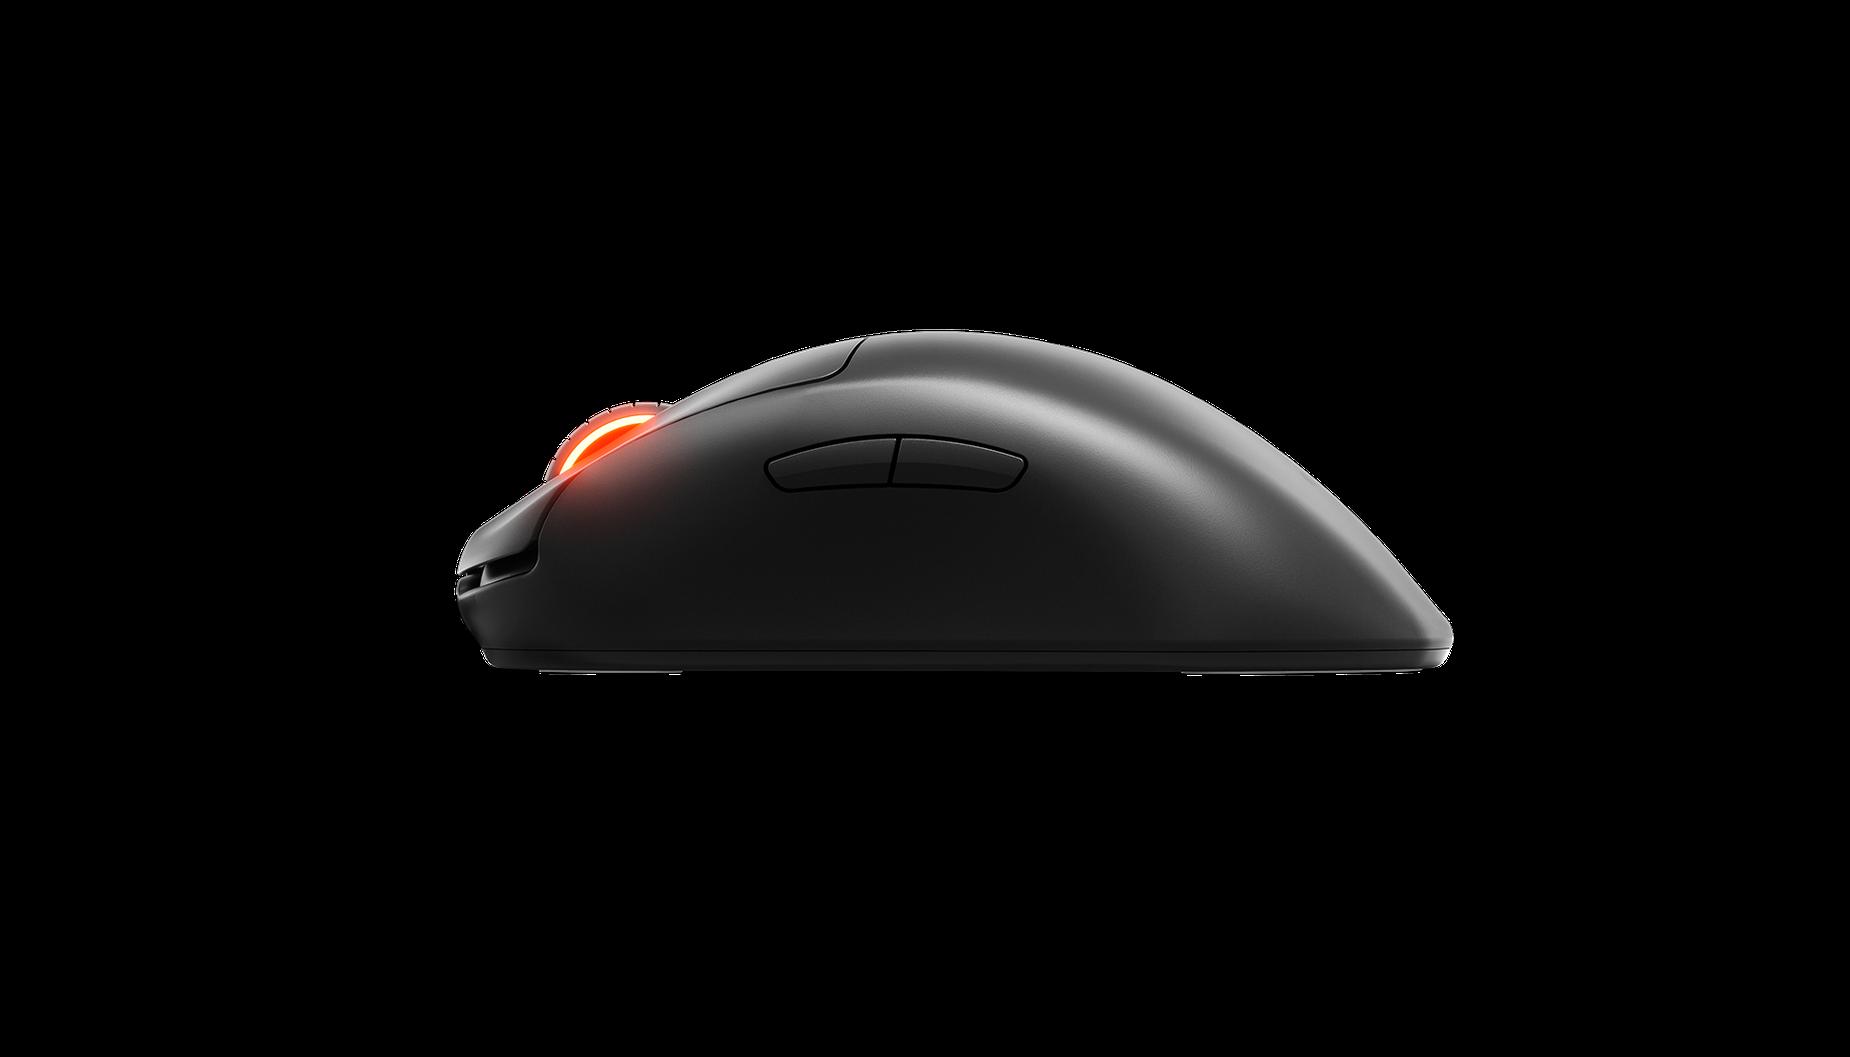 Prime 無線滑鼠的側視圖。